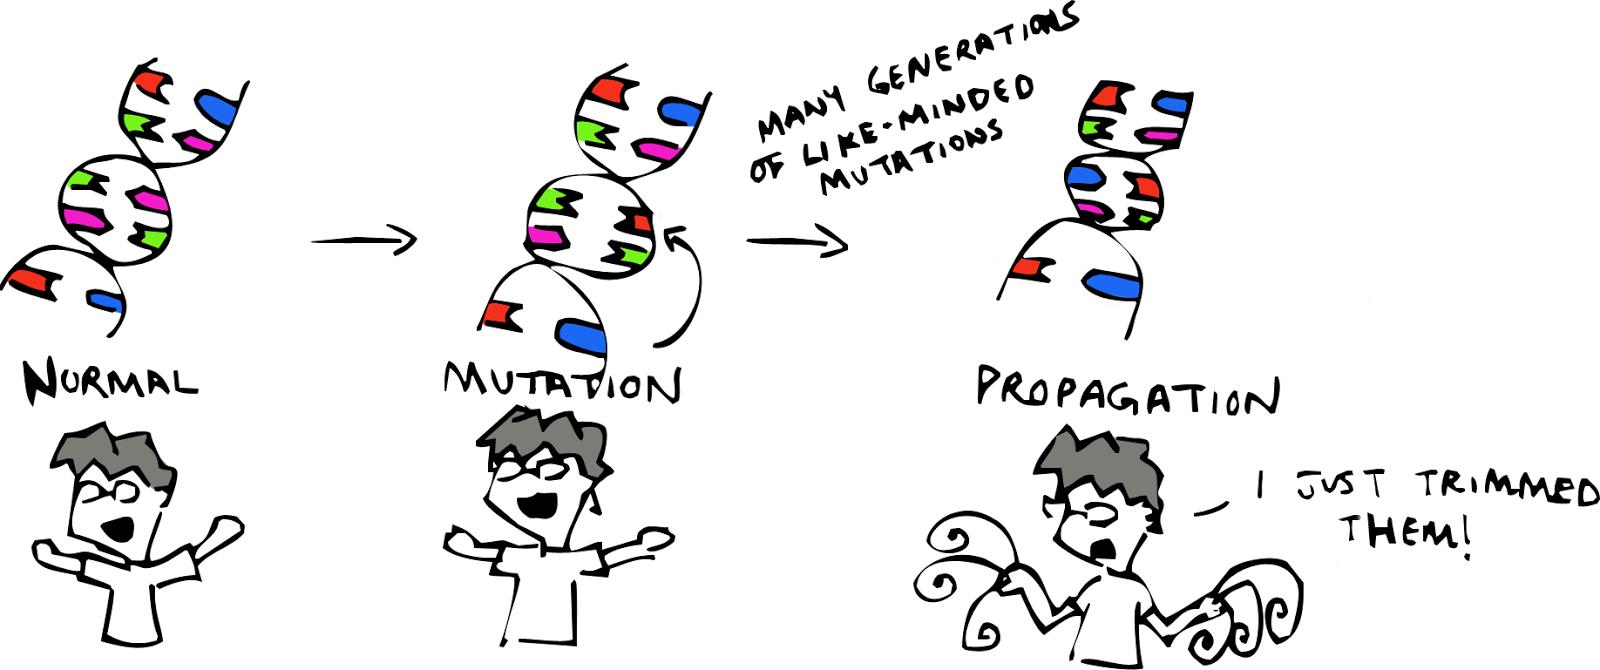 Sketchy Science: Evolution: How Come We Still Got Monkeys?